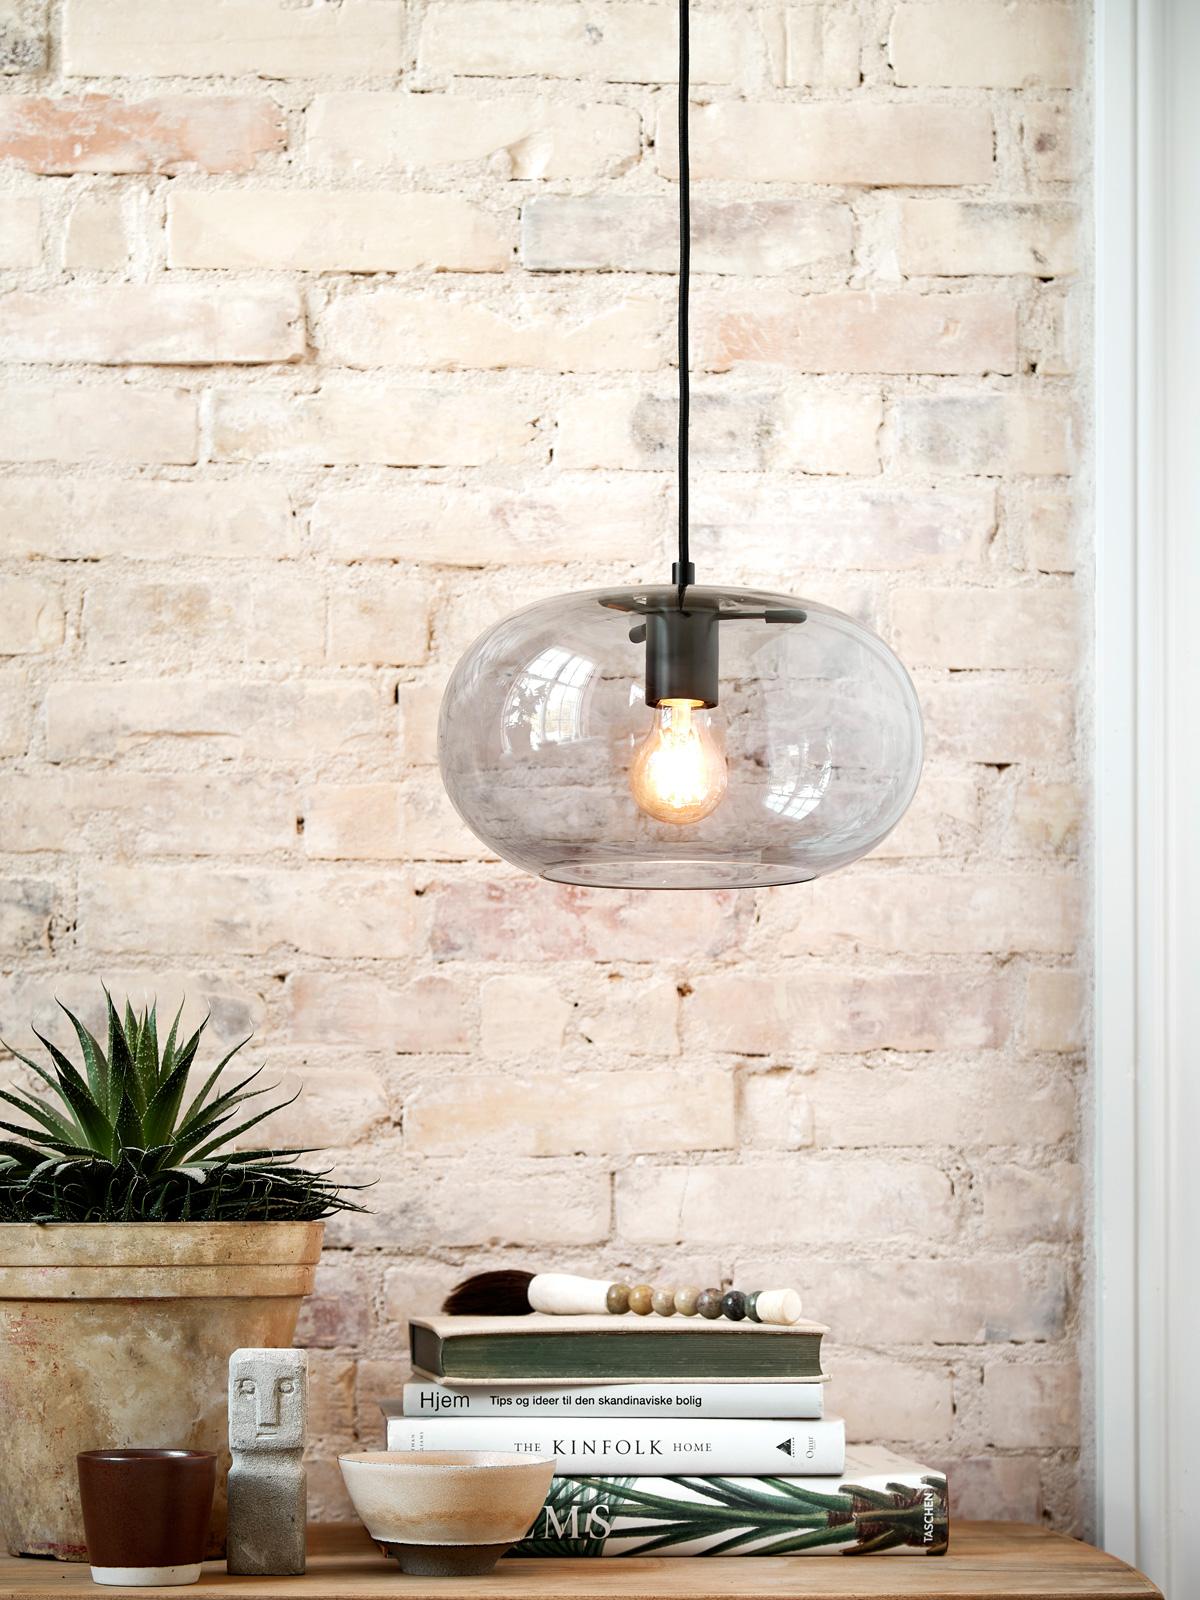 DesignOrt Blog: Trend: Leuchten aus Rauchglas Frandsen Kobe New